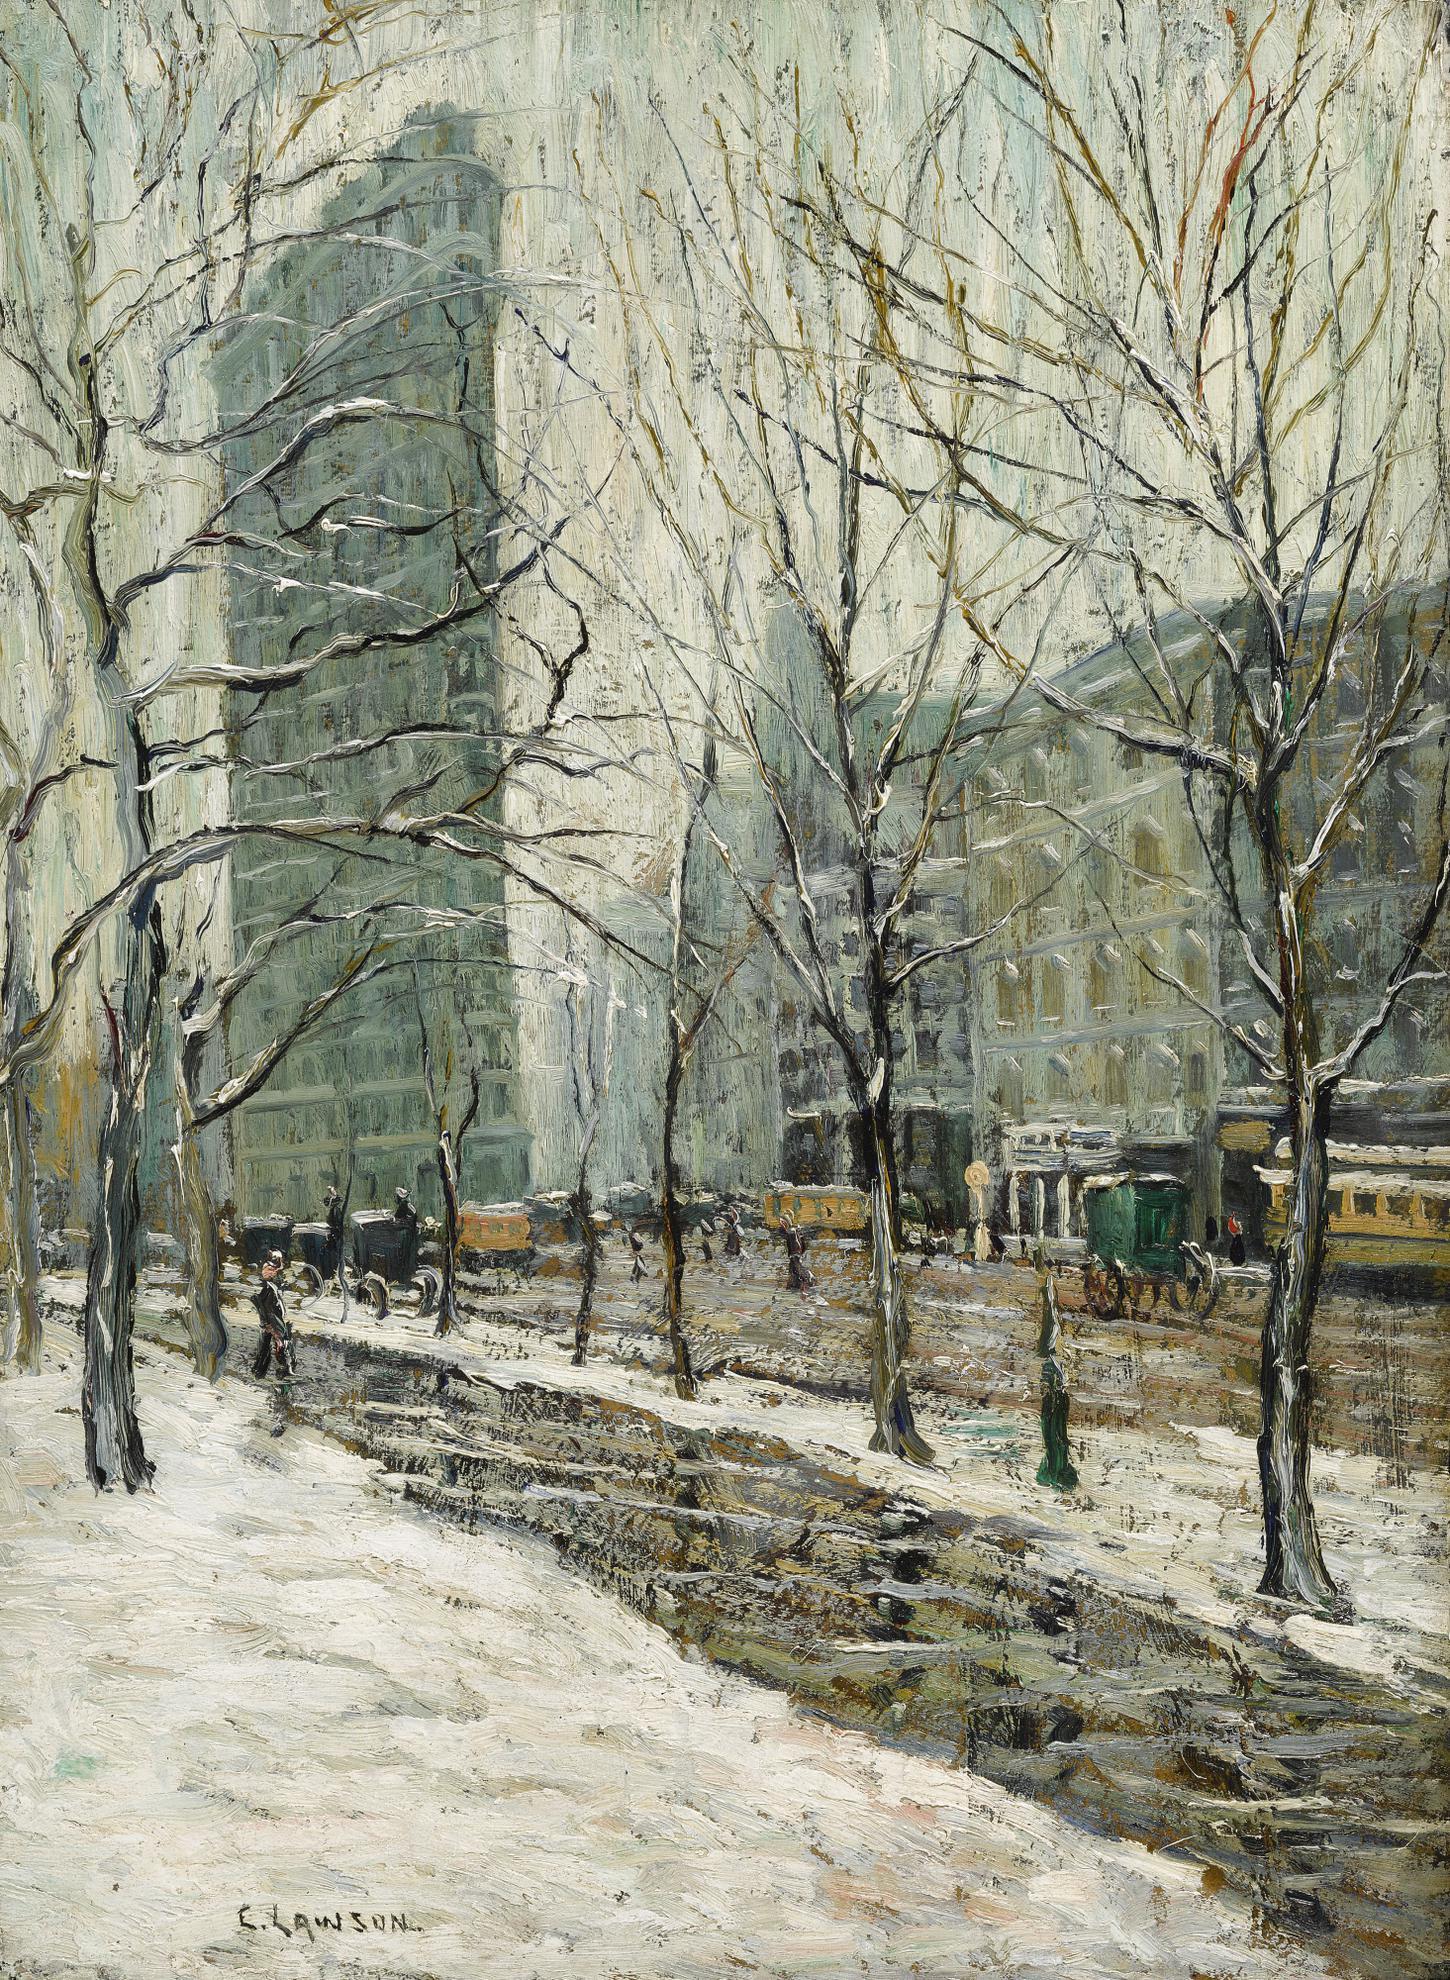 Ernest Lawson - The Flatiron Building-1907